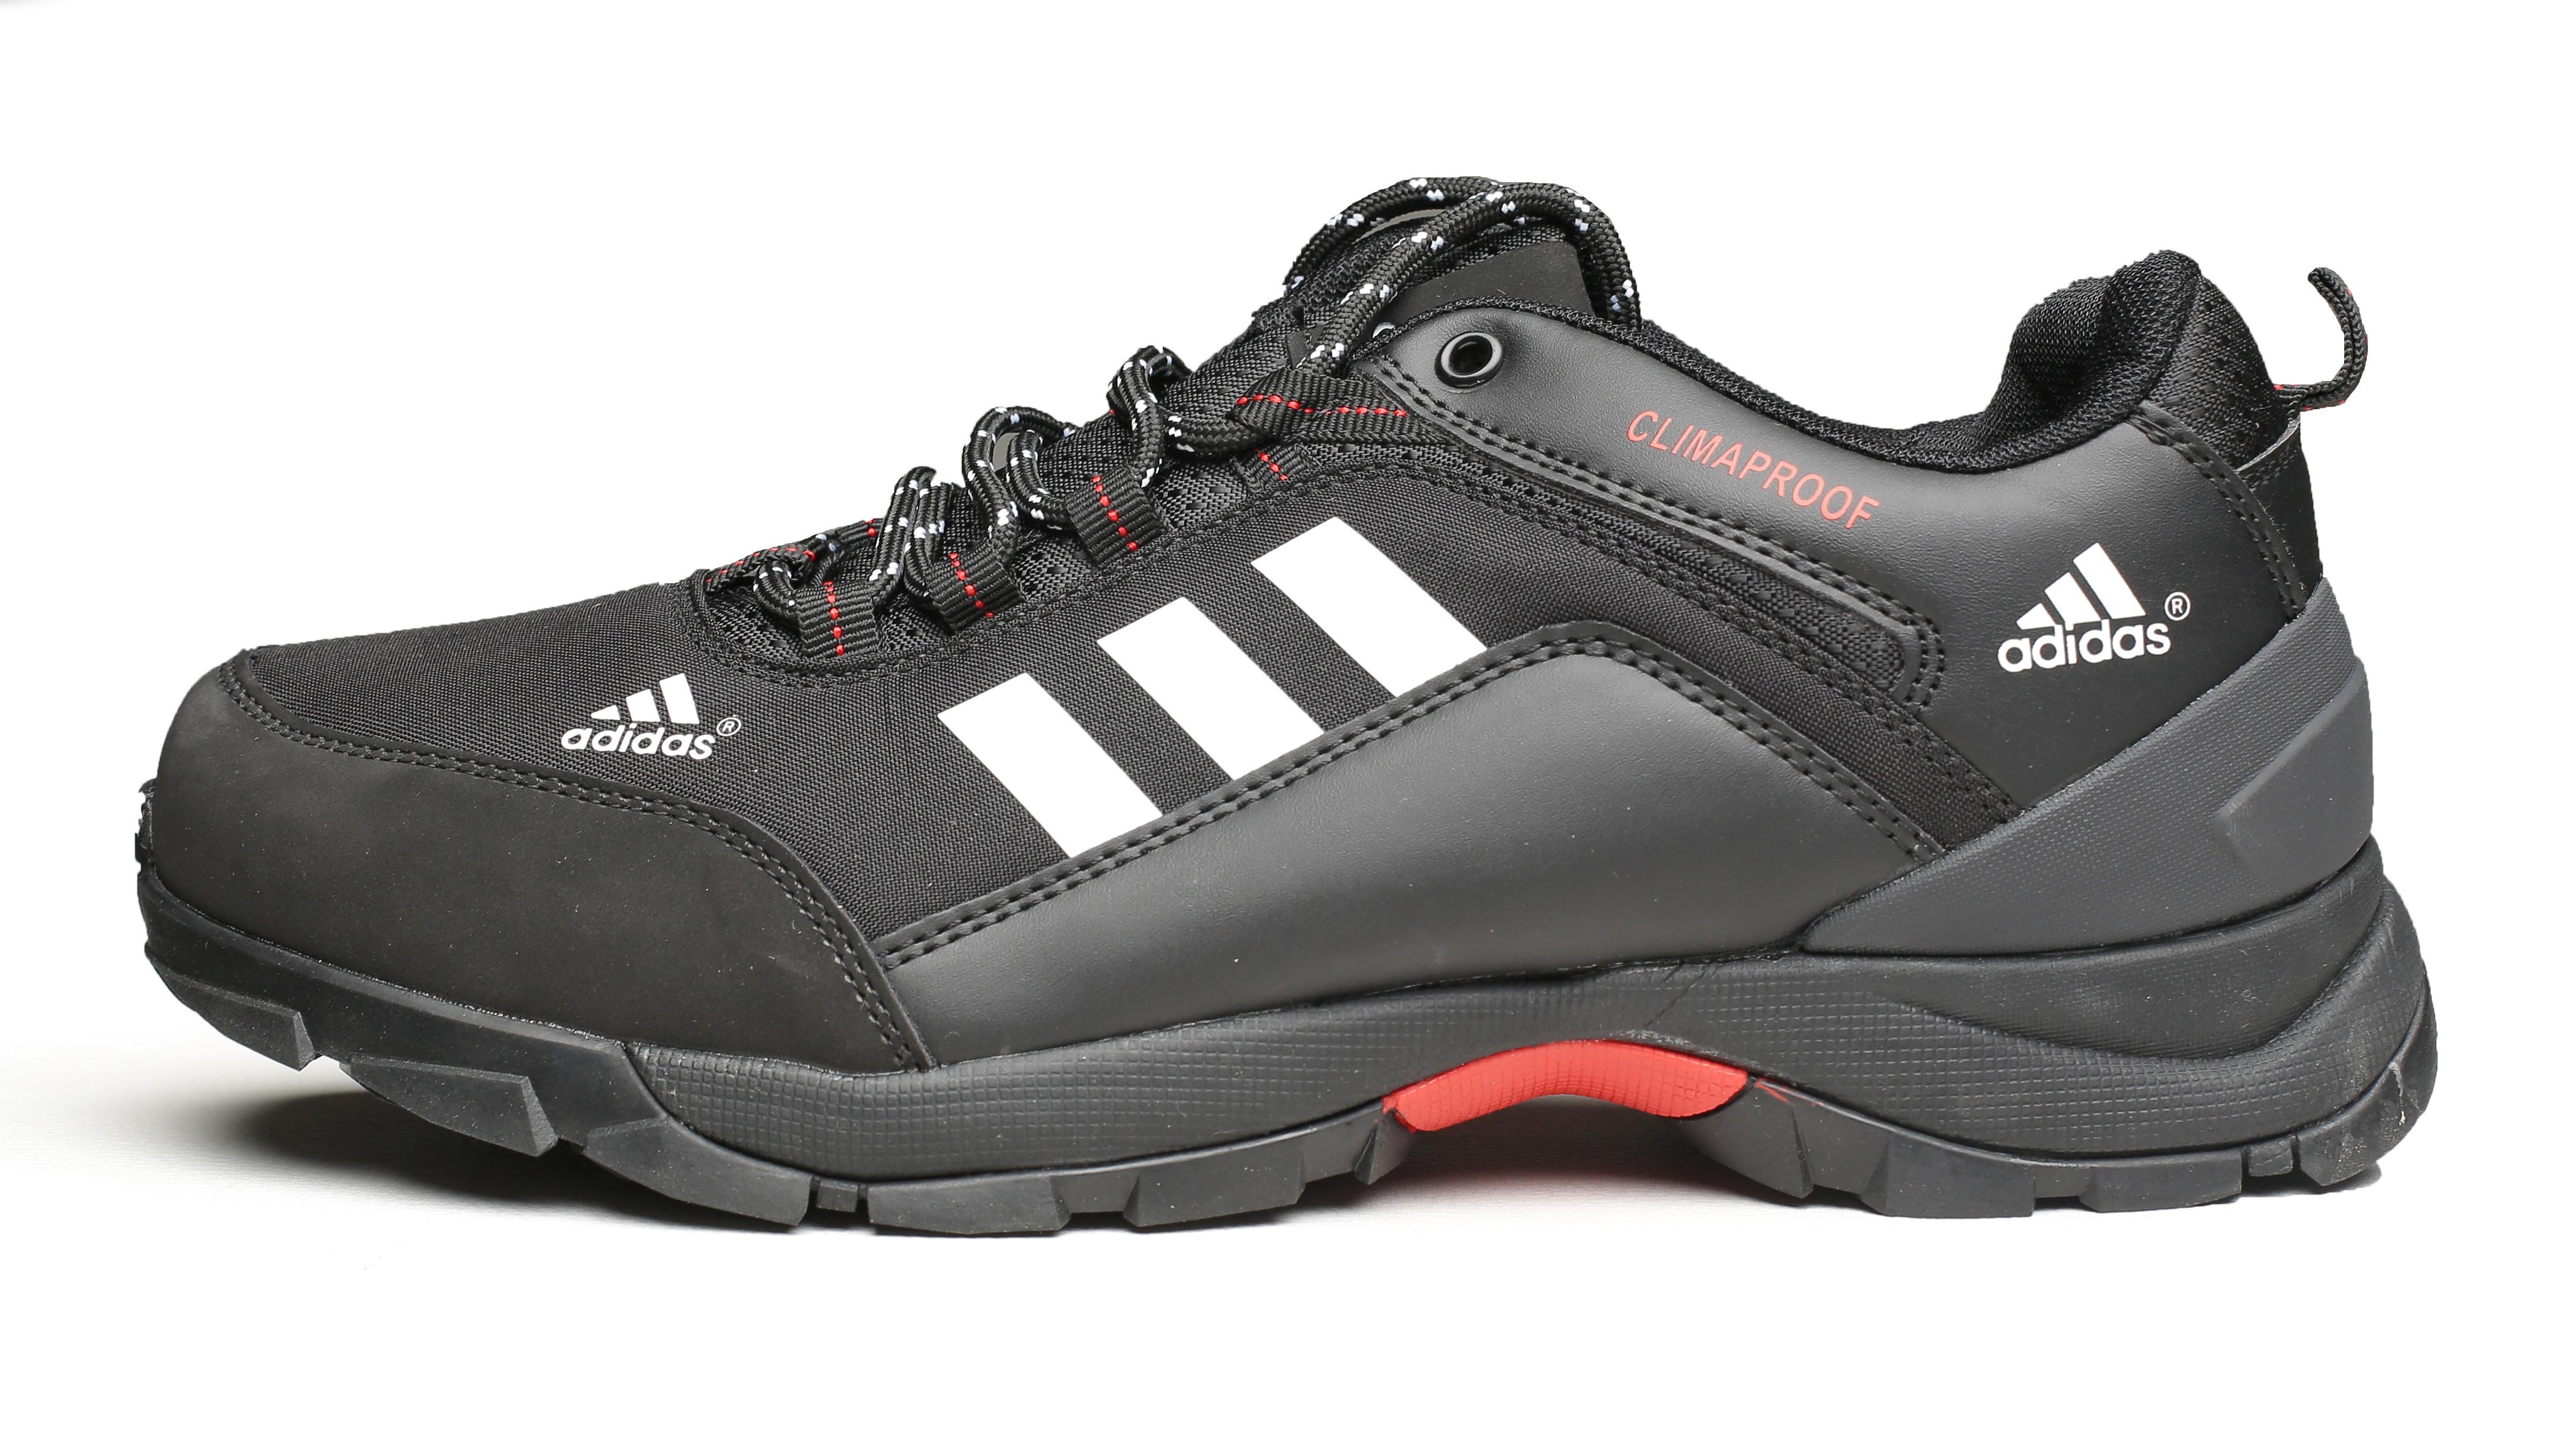 Мужские кроссовки adidas climaproof black white